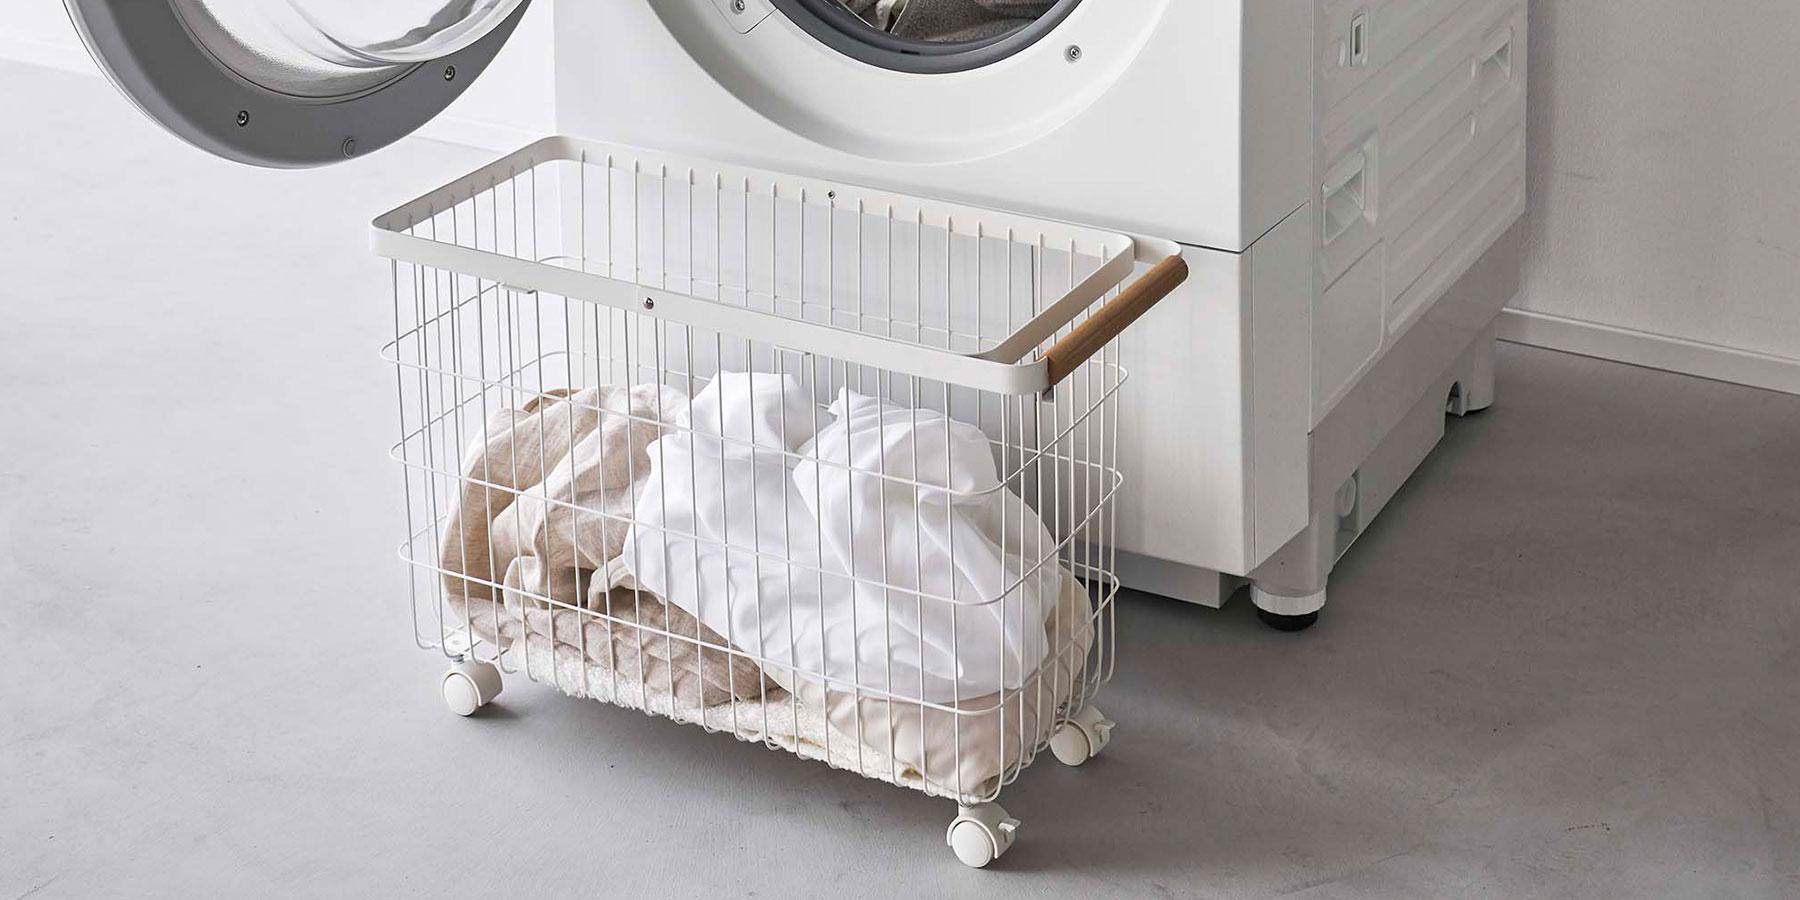 洗濯カゴ 洗濯かご 洗濯物入れ おしゃれ 収納 ワイヤーバスケット ランドリーバスケット トスカ